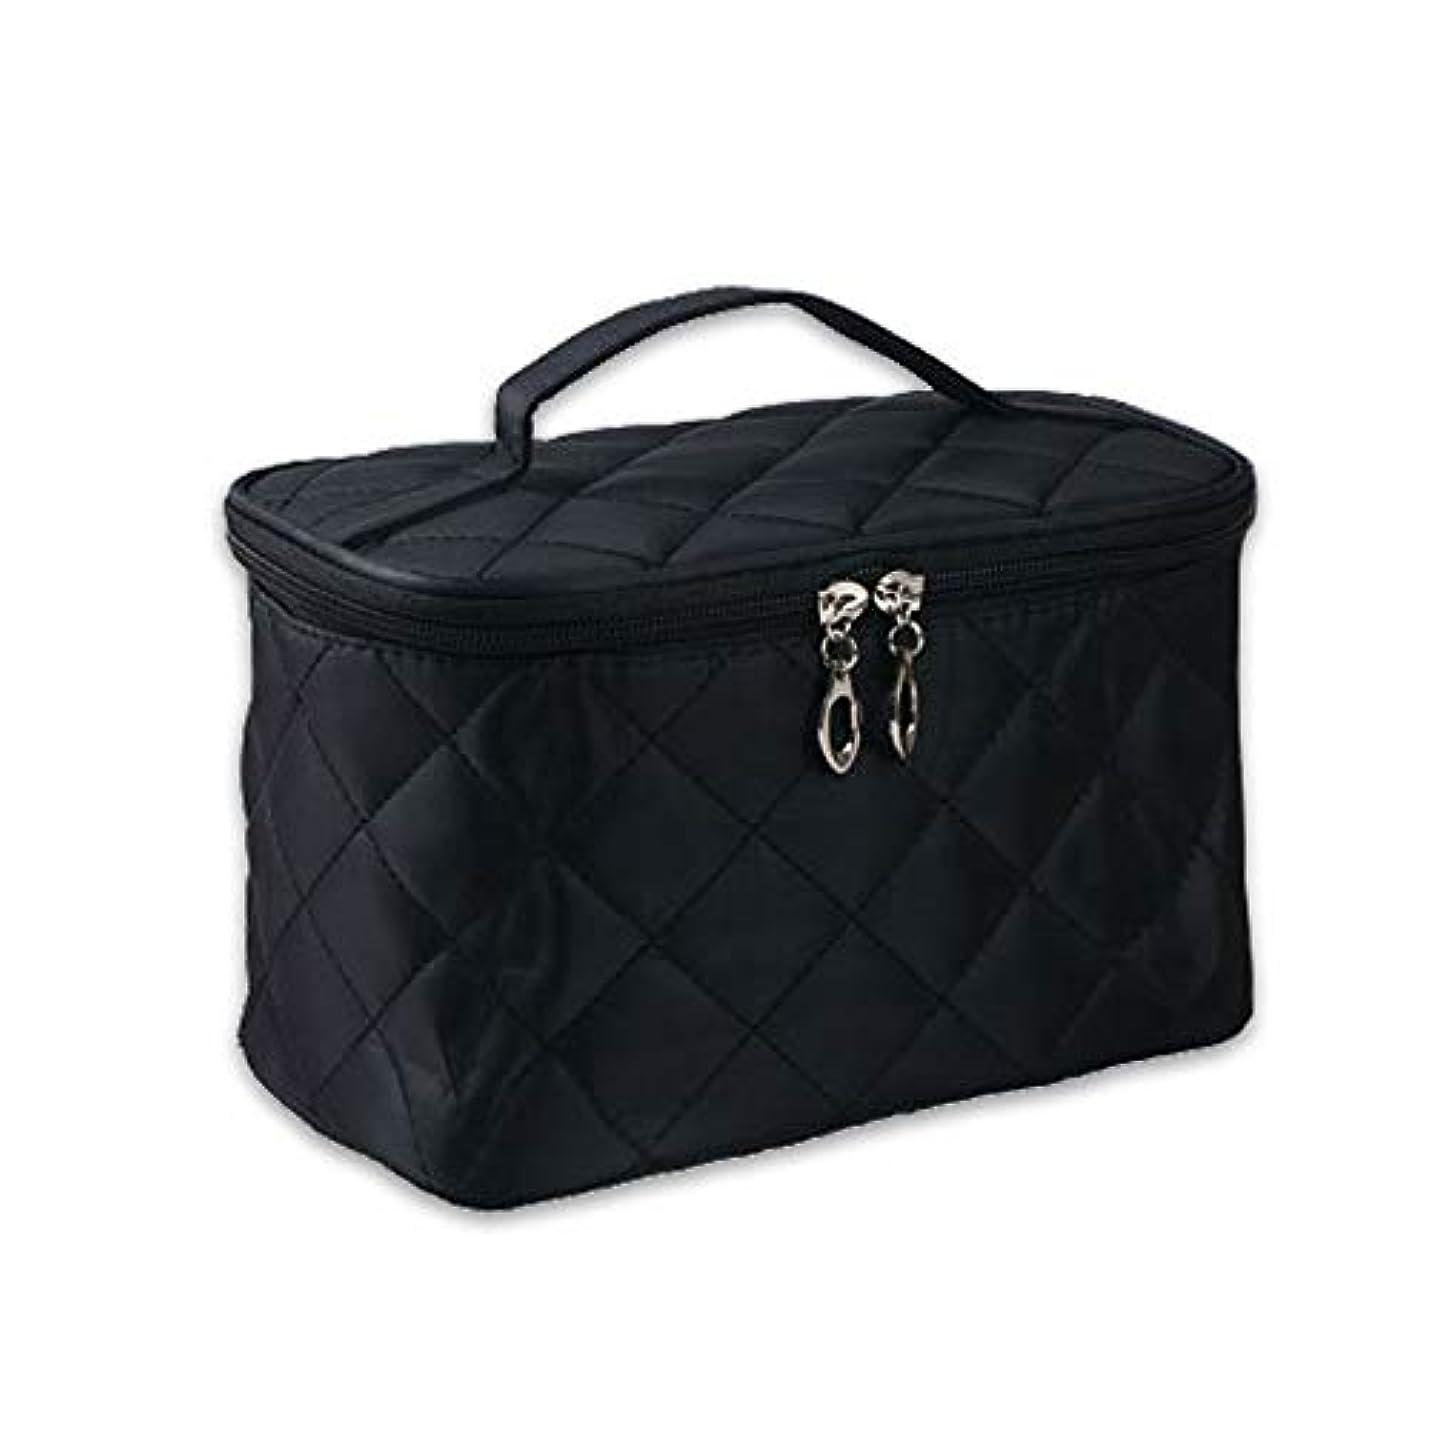 緊急ペレット放課後女性 化粧品メイクバッグ 収納オーガナイザーバッグ 剤洗浄ツール フォールド ジッパーデザイン ナイロン ブラック